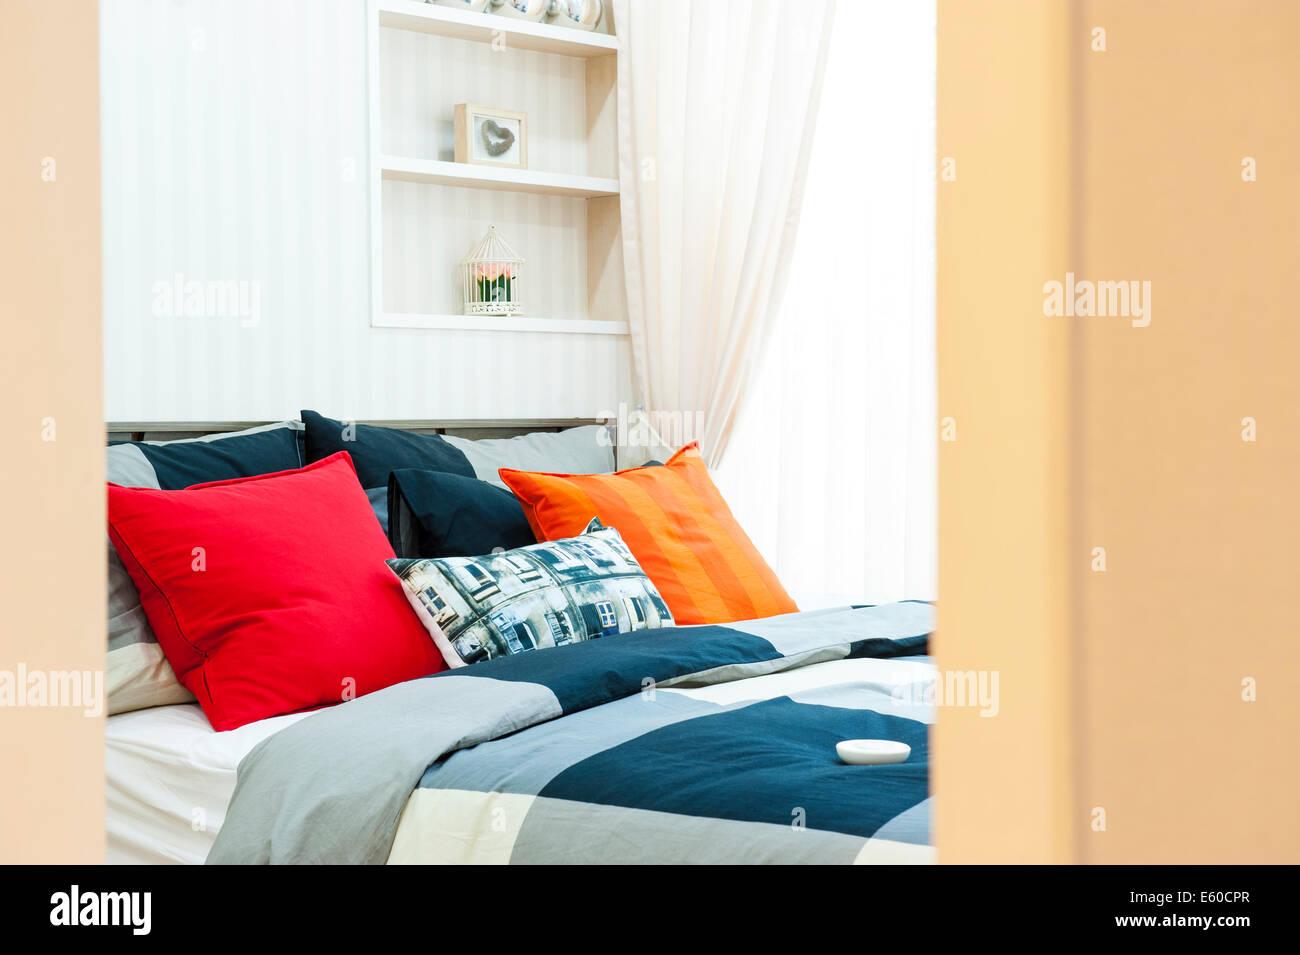 Ouvrir la chambre à coucher avec des oreillers Photo Stock